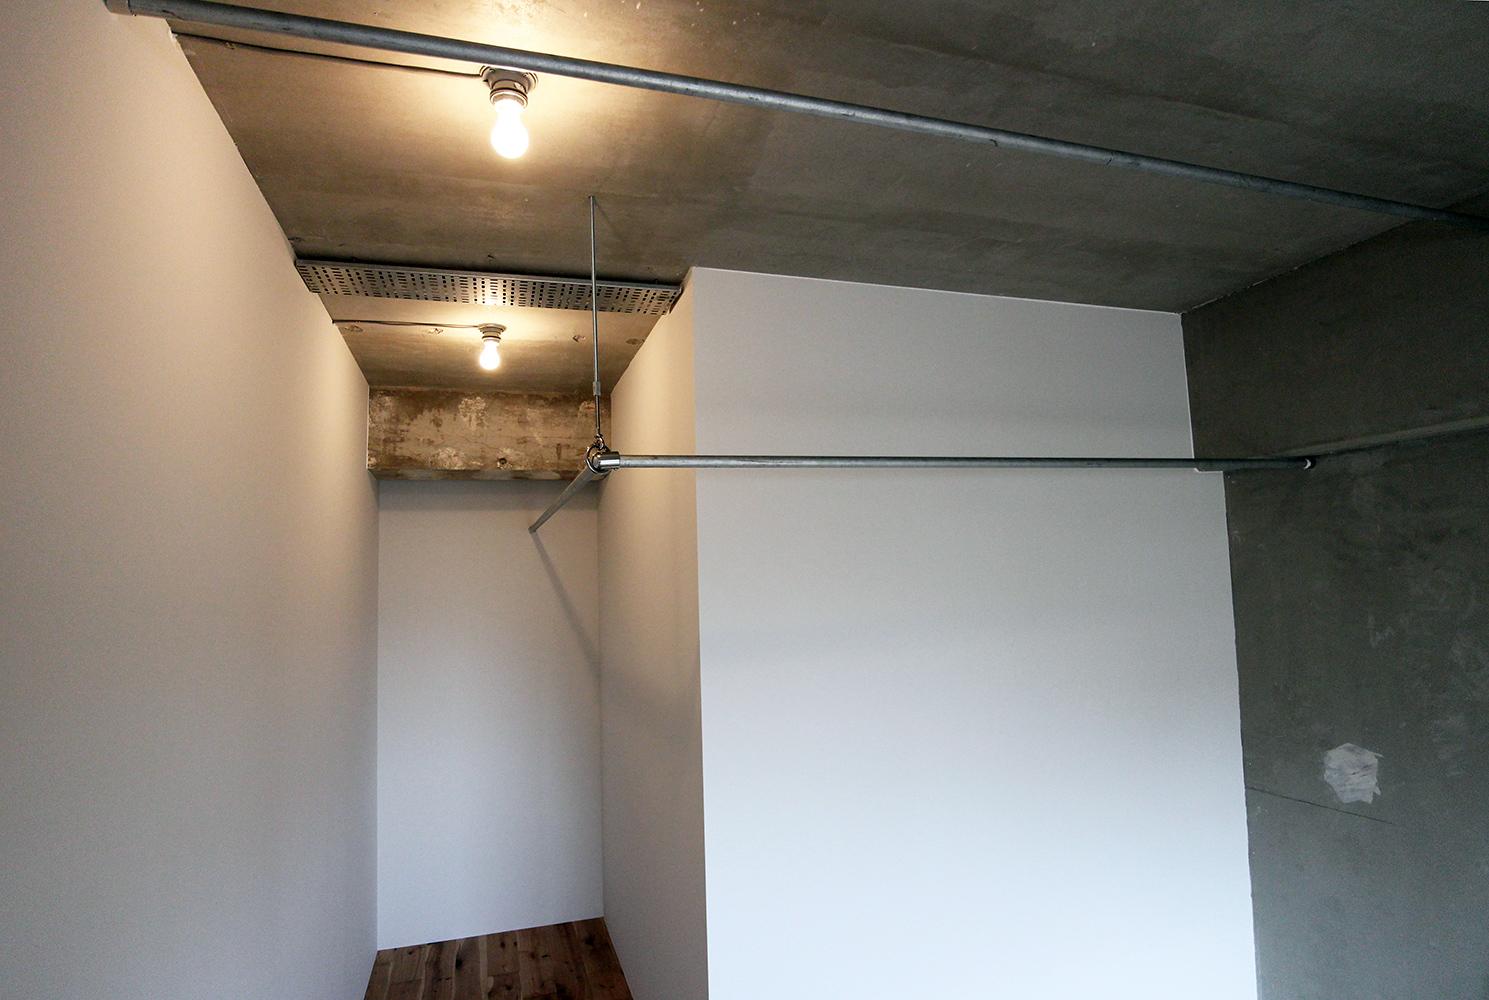 鉄管を使ったインダストリアルな空間